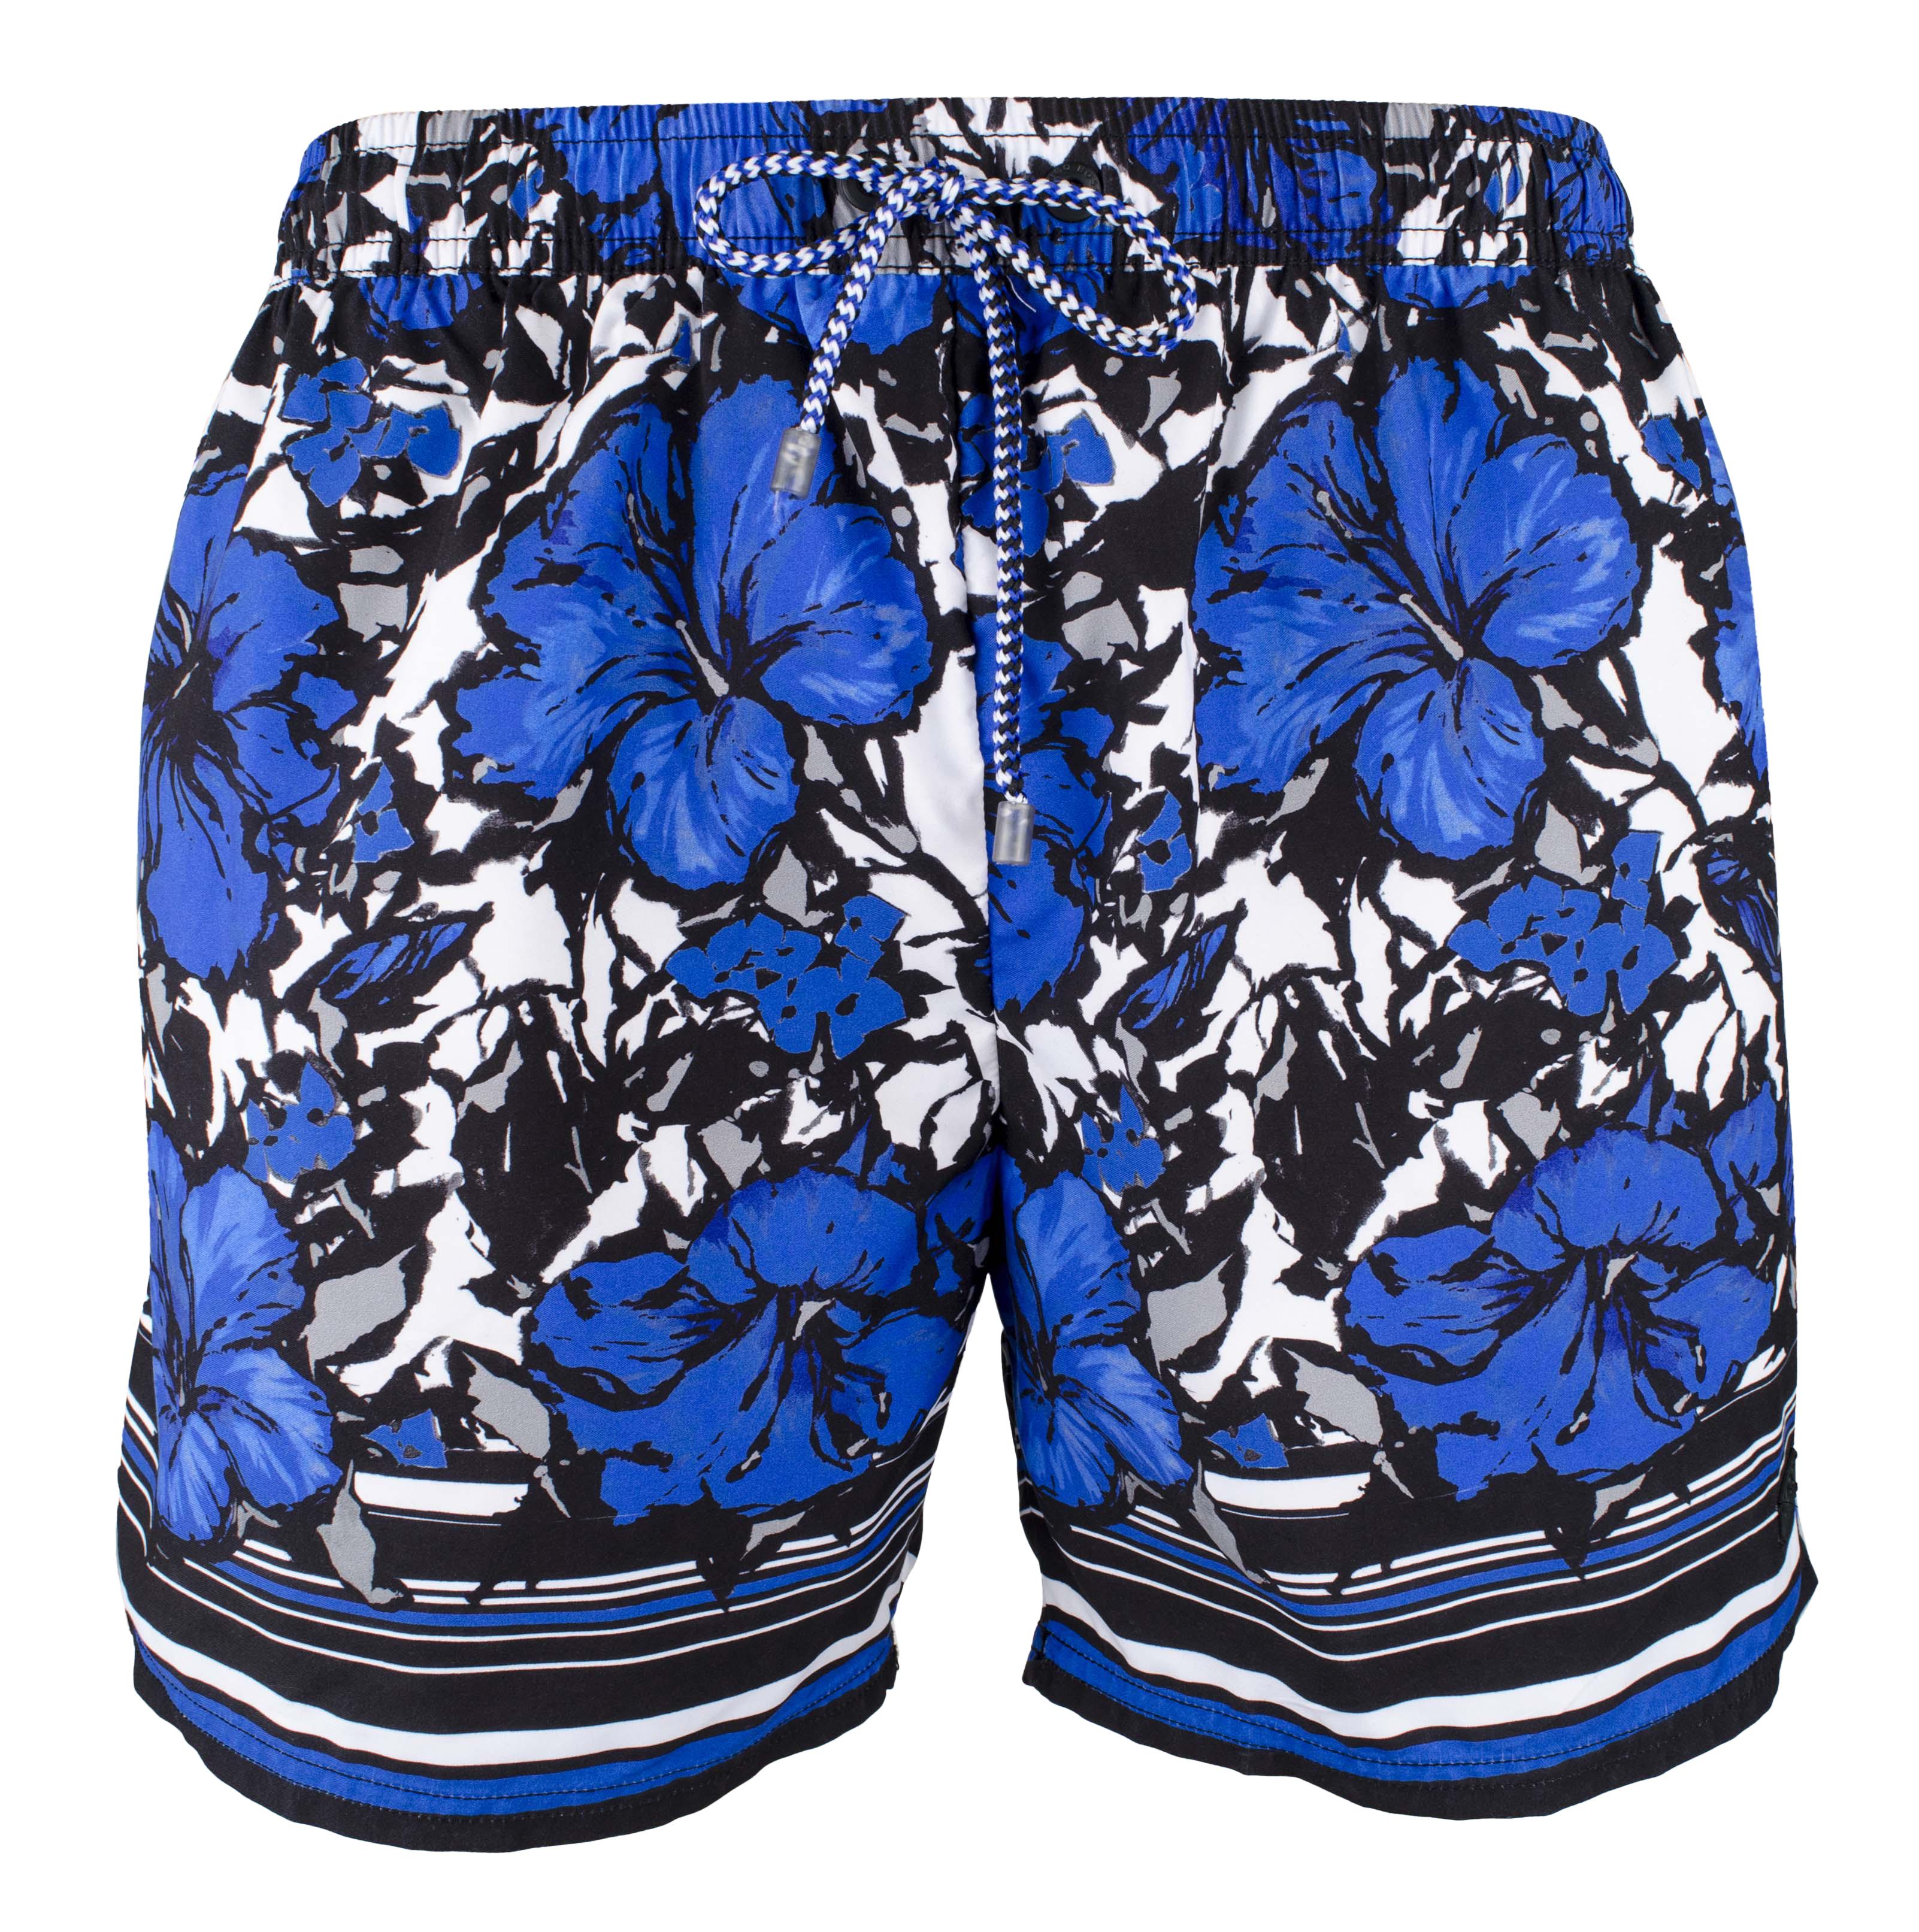 b6b744922 Hugo Boss Men's Blue Pattern Piranha Swim Trunks-M-L 15343049449 | eBay